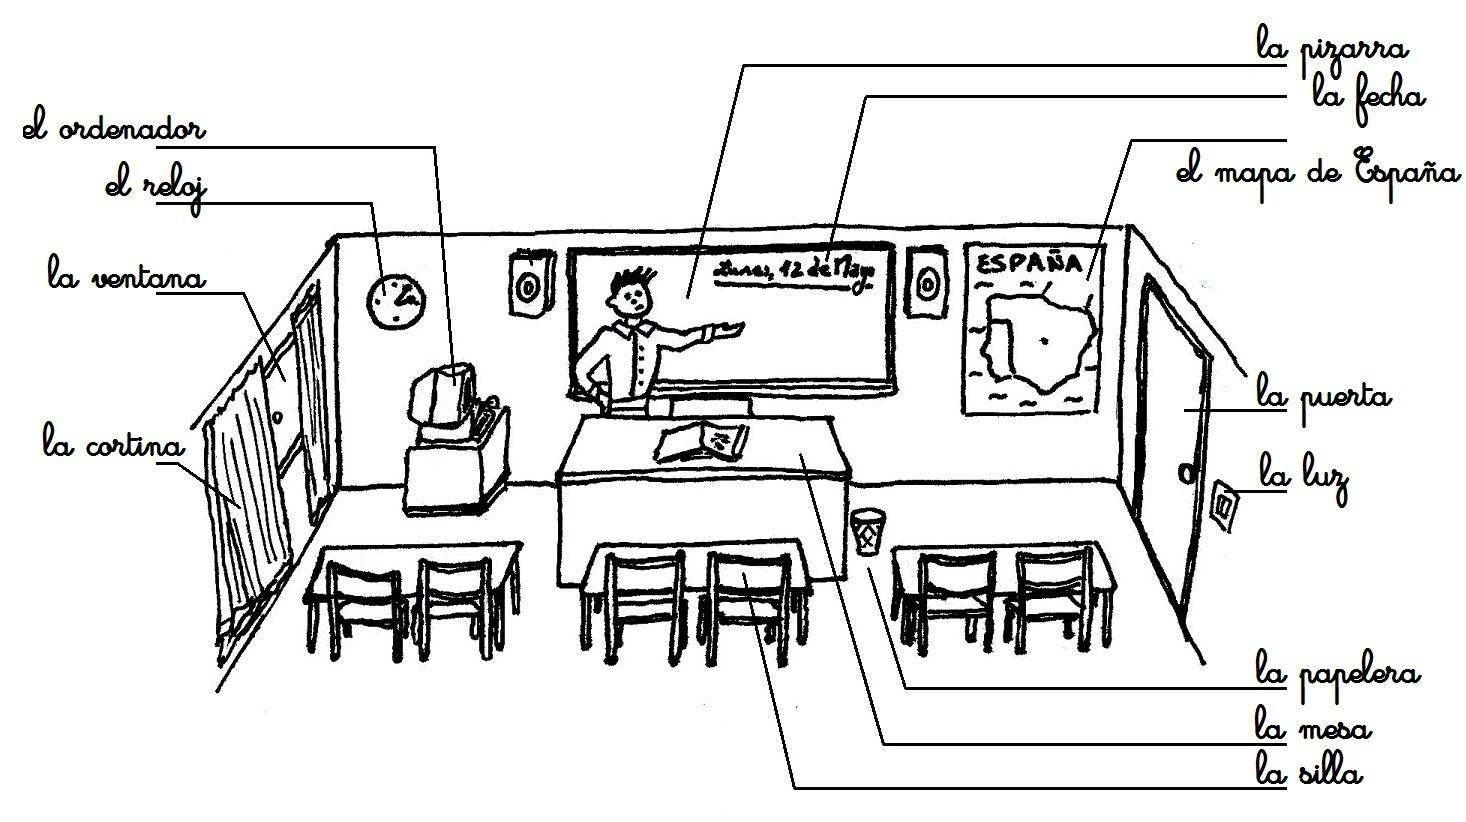 El aula de clases (corrección)